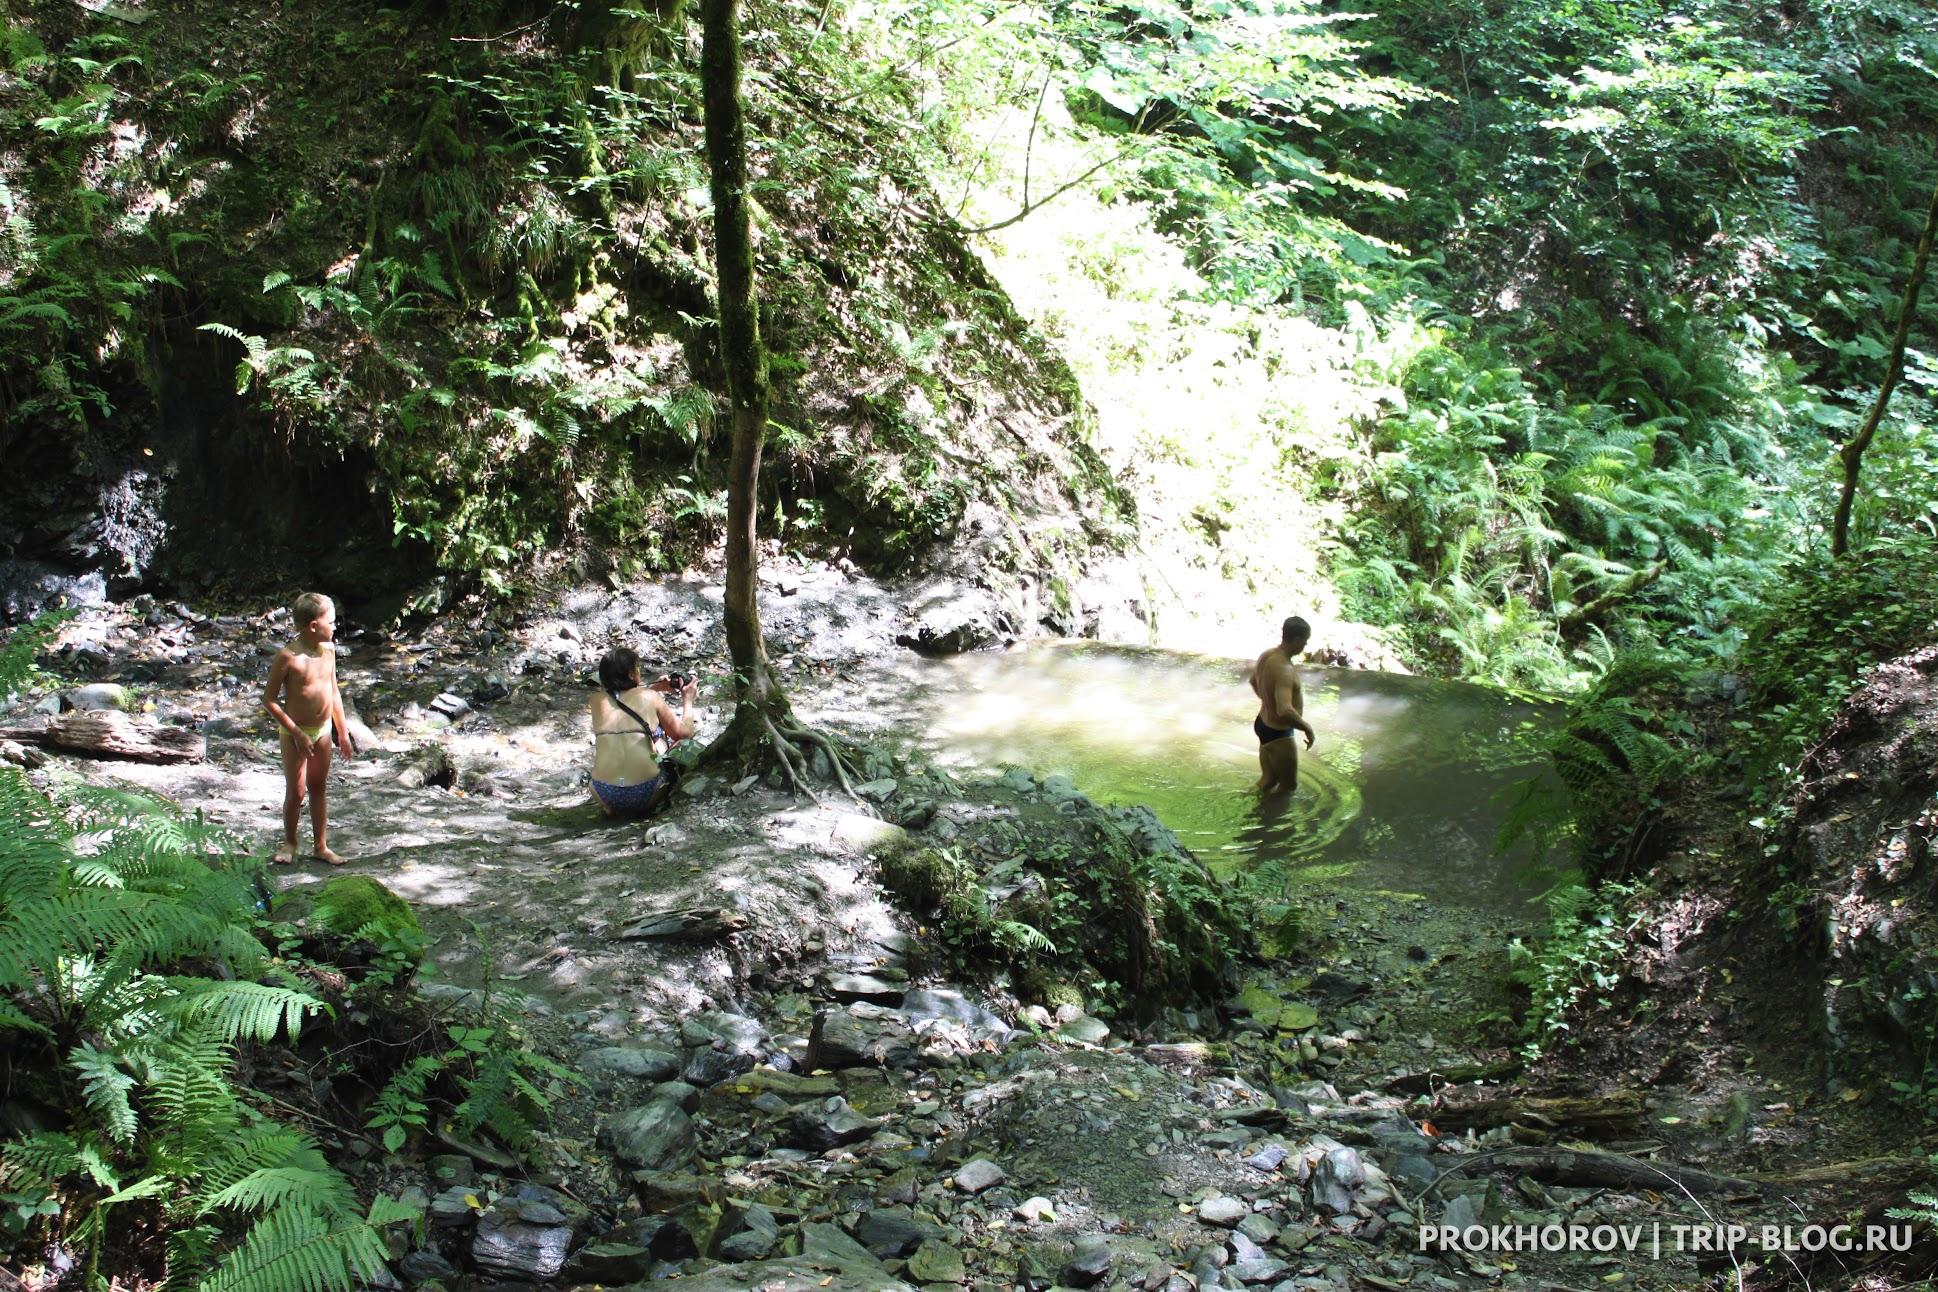 Горная речка и тропа здоровья в Роза Хутор